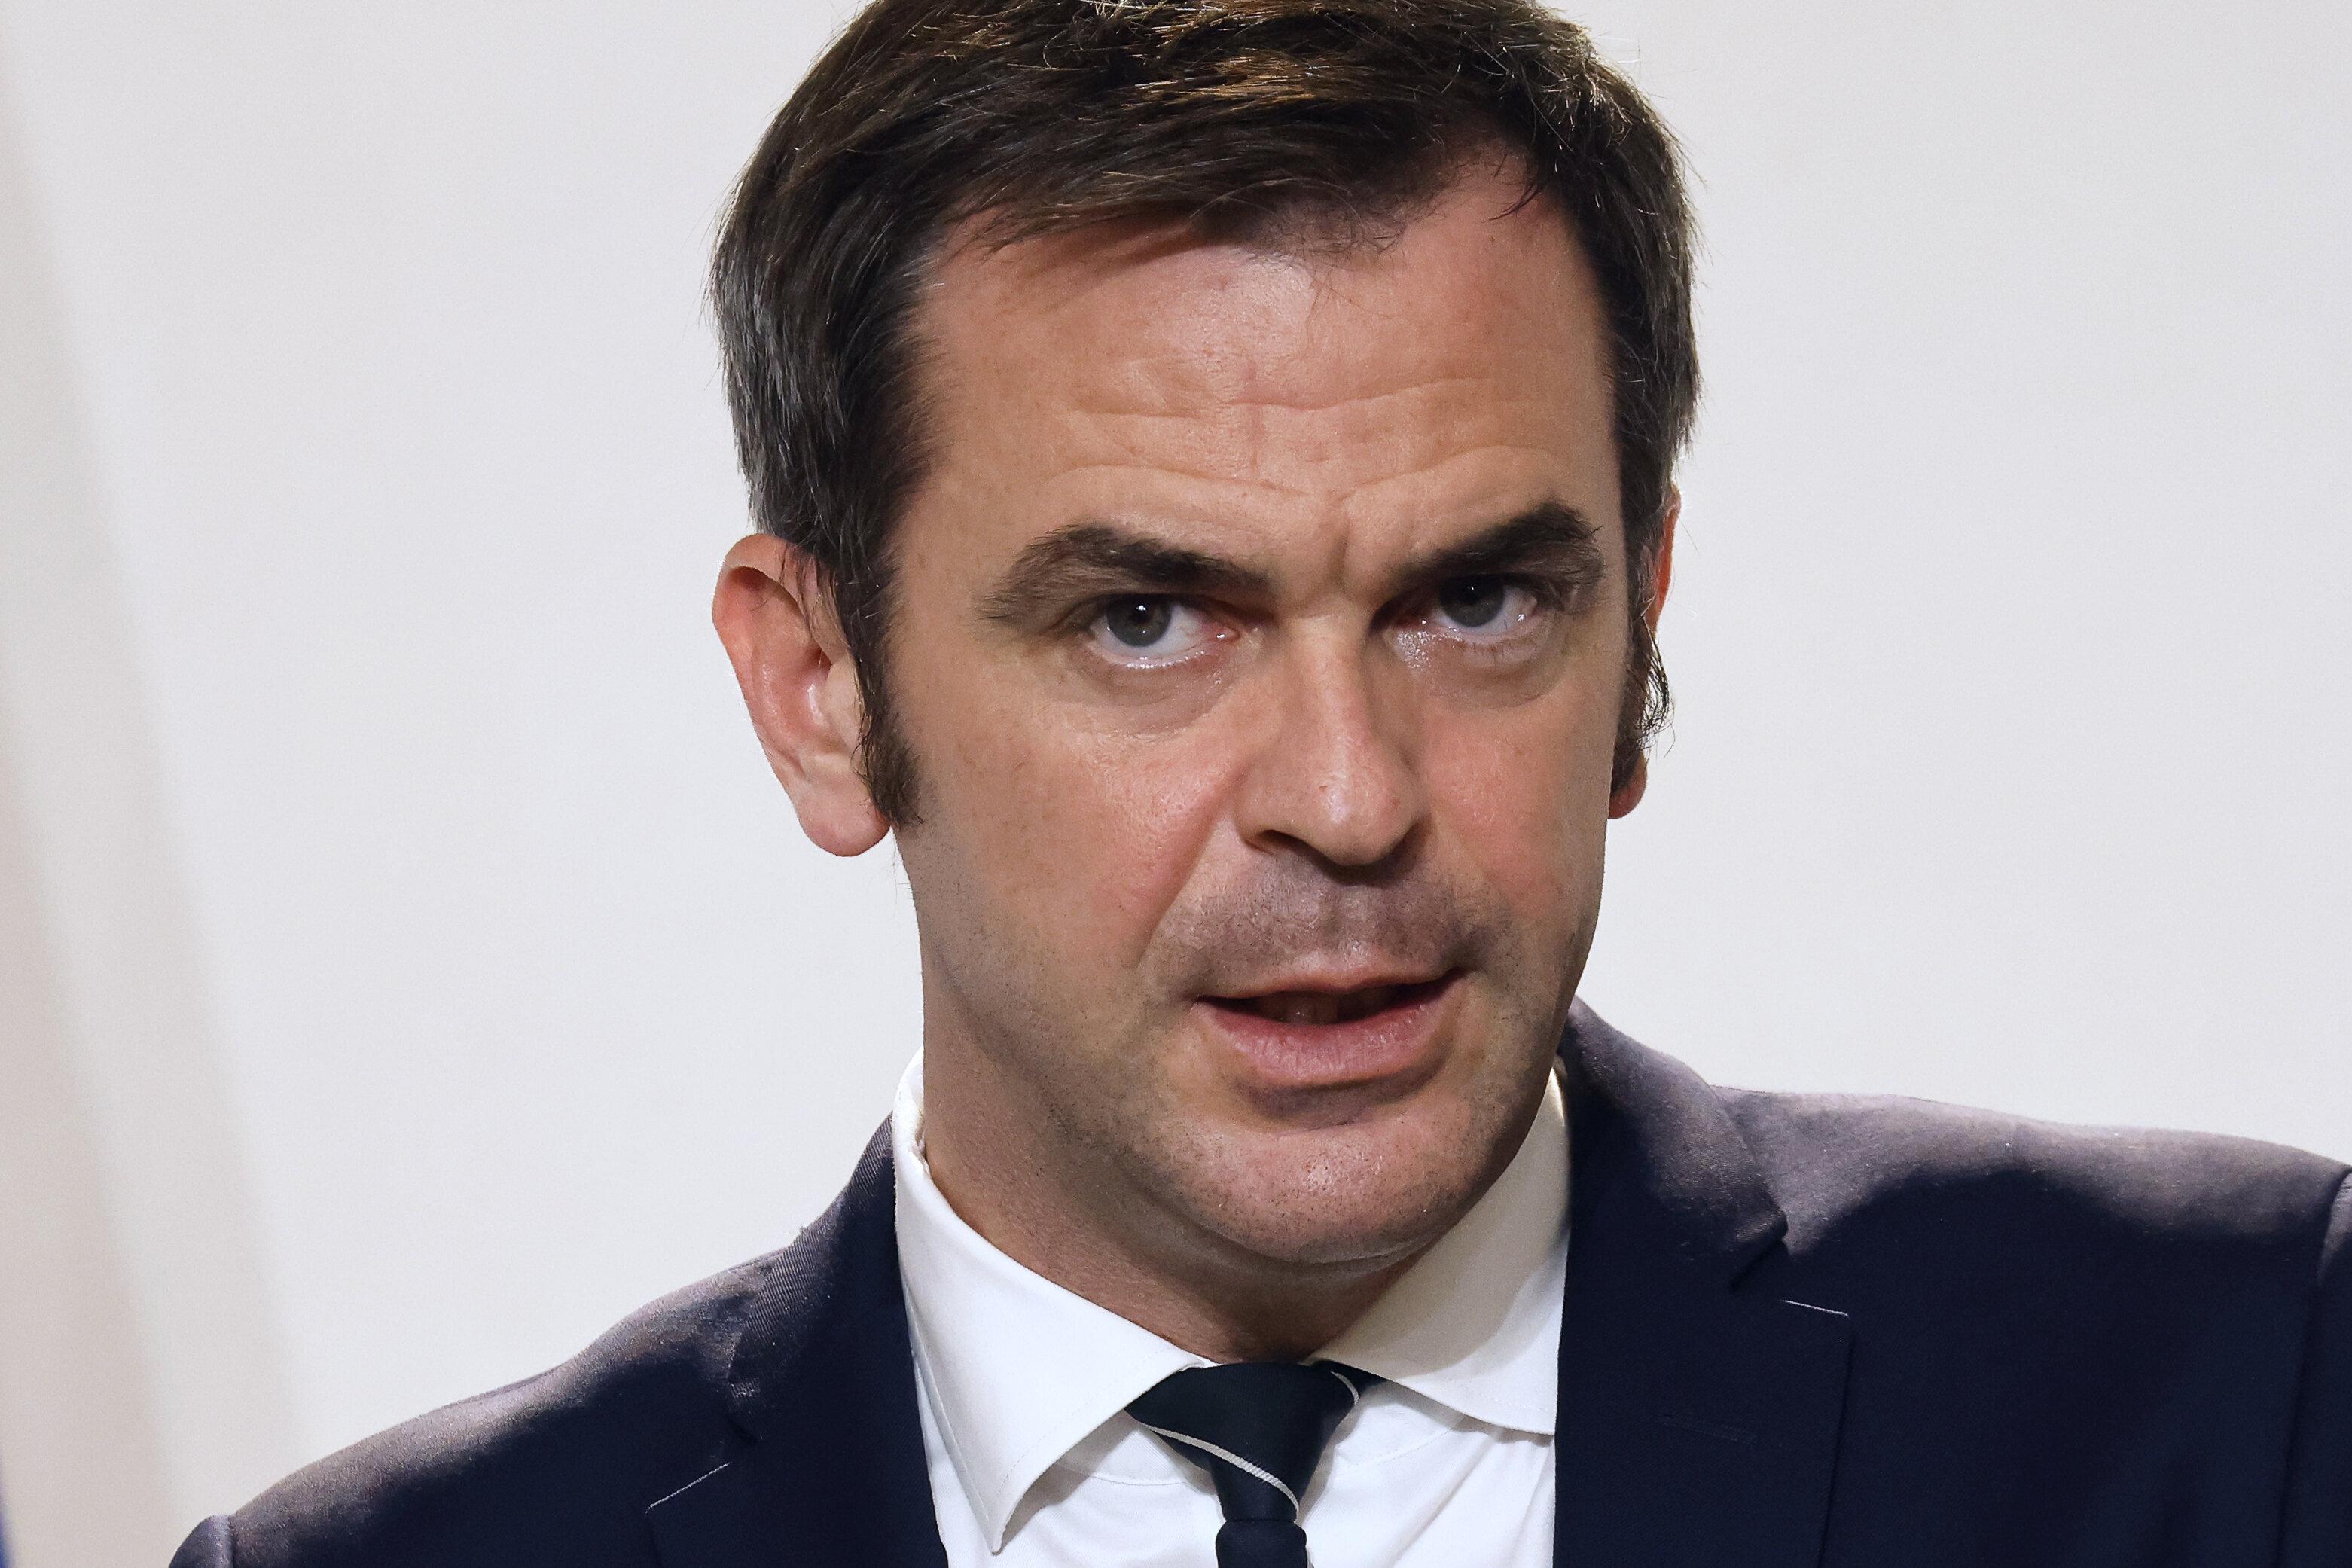 Olivier Veran lors d'une conférence de presse sur le covid-19 à Paris le 12 novembre 2020...